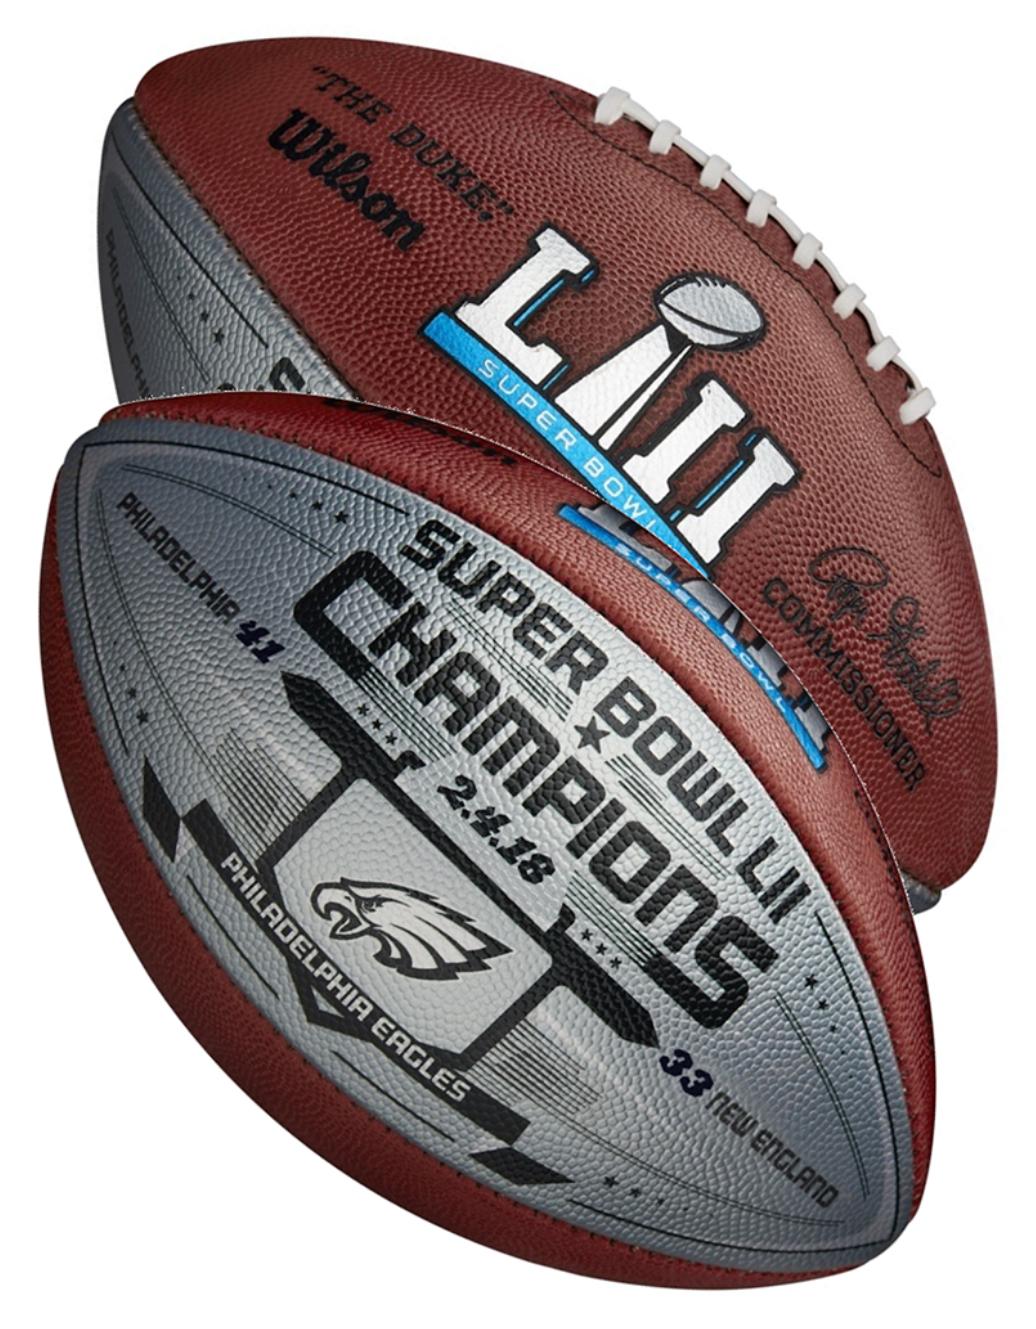 New Release 2018 Philadelphiaeagles Superbowl52 Champions Metallic Wilson Nfl Rogergoodell The Duke Official Size Football Es Philadelphia Eagles Super Bowl Philadelphia Eagles Fans Philadelphia Eagles